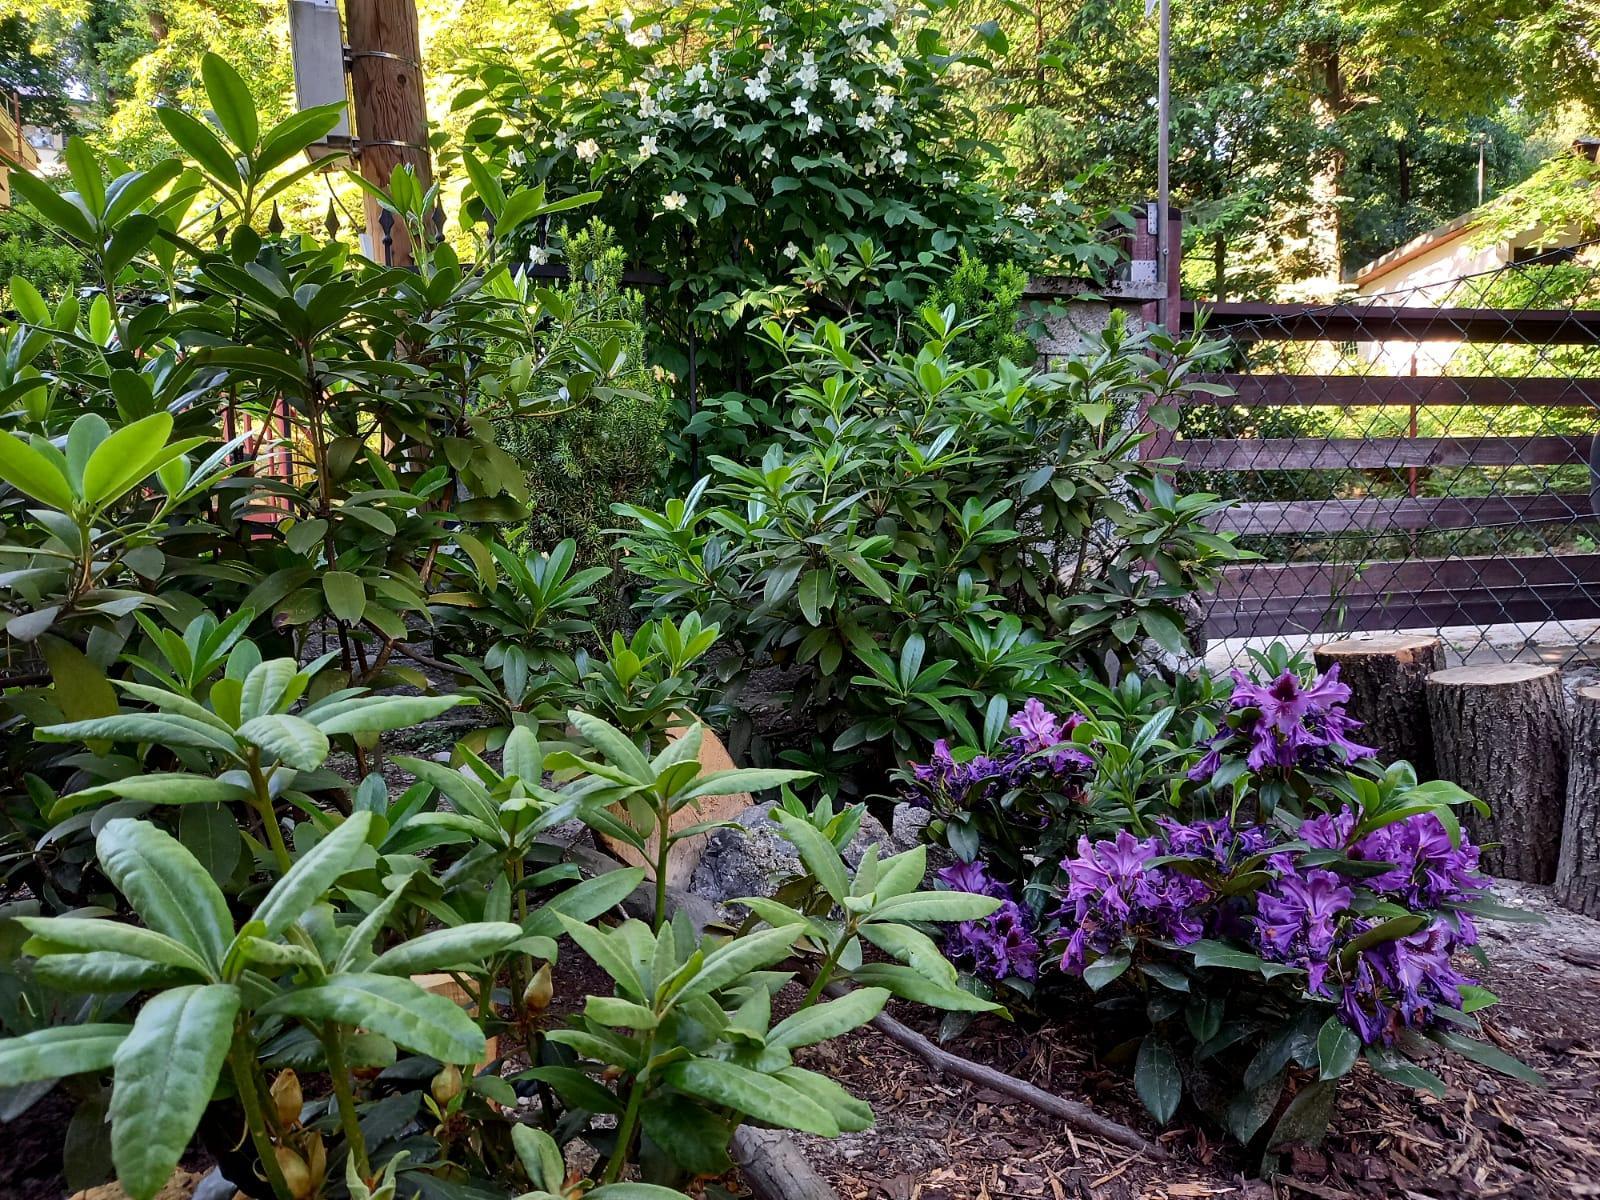 Môj malý kúsok raja😊 - Ešte dokvitá posledný rododendron a voňavý biely jazmín a už sa lesná predzáhradka zaodeje do zelenej...